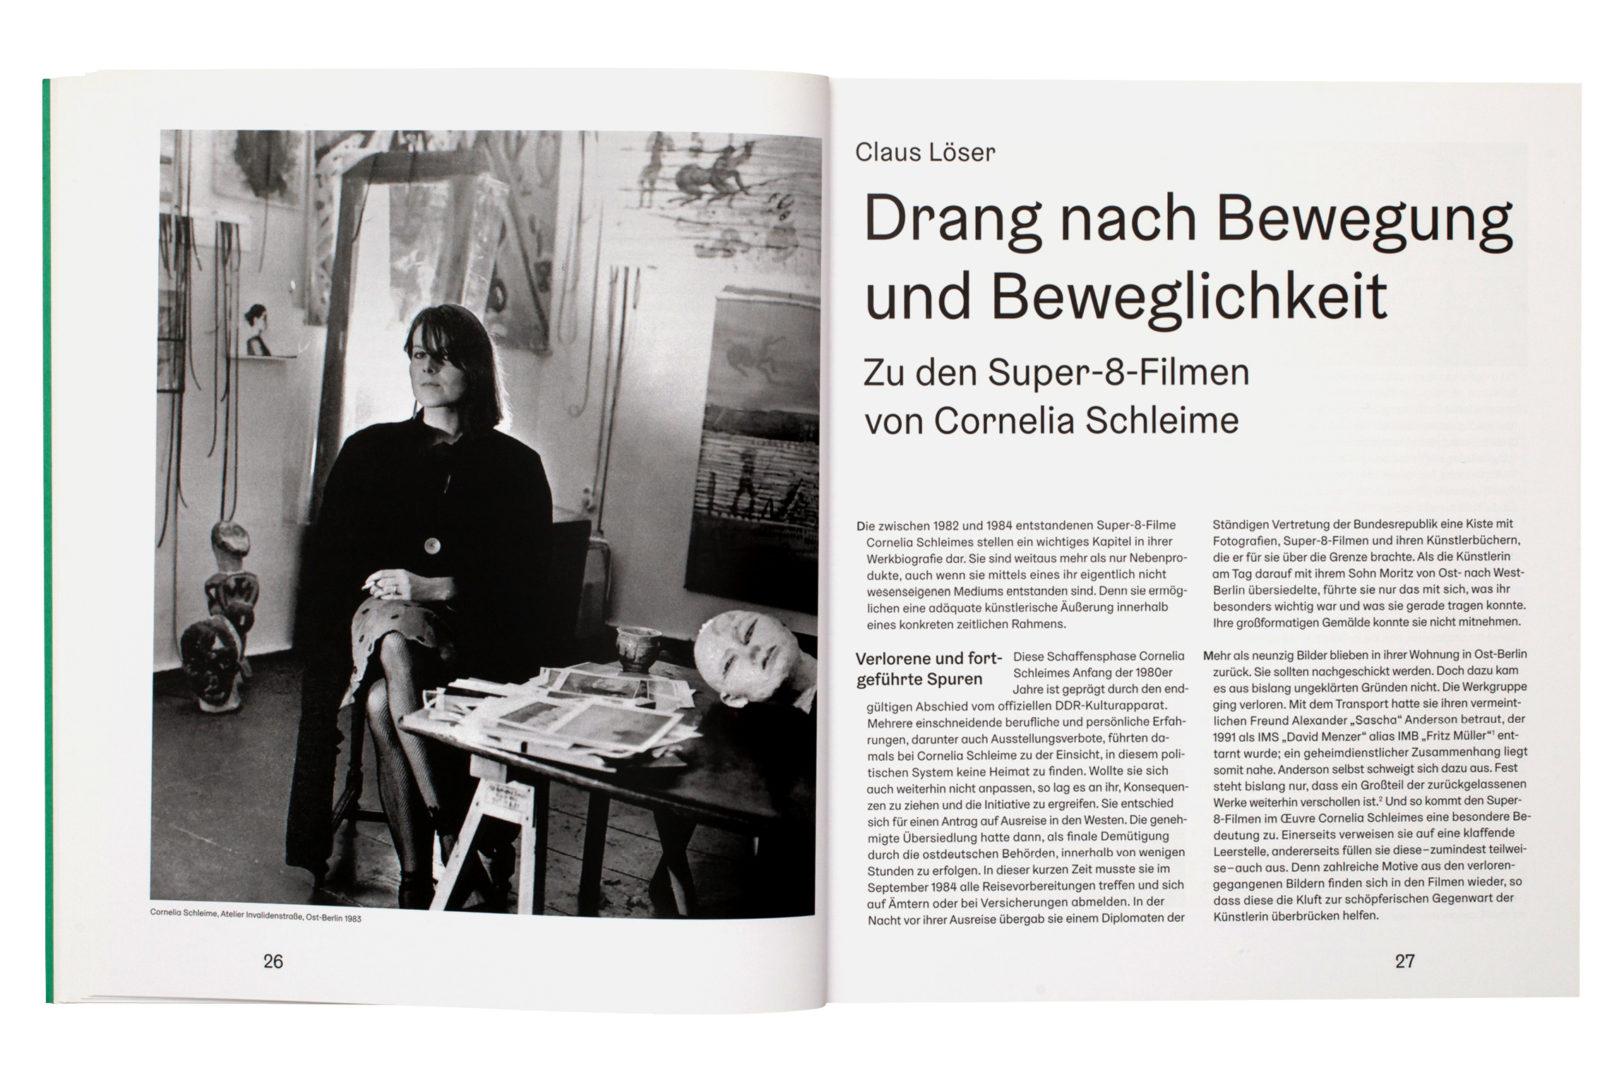 http://e-o-t.de/wordpress/wp-content/uploads/2017/11/eot-2016-CorneliaSchleime-Book-8.jpg